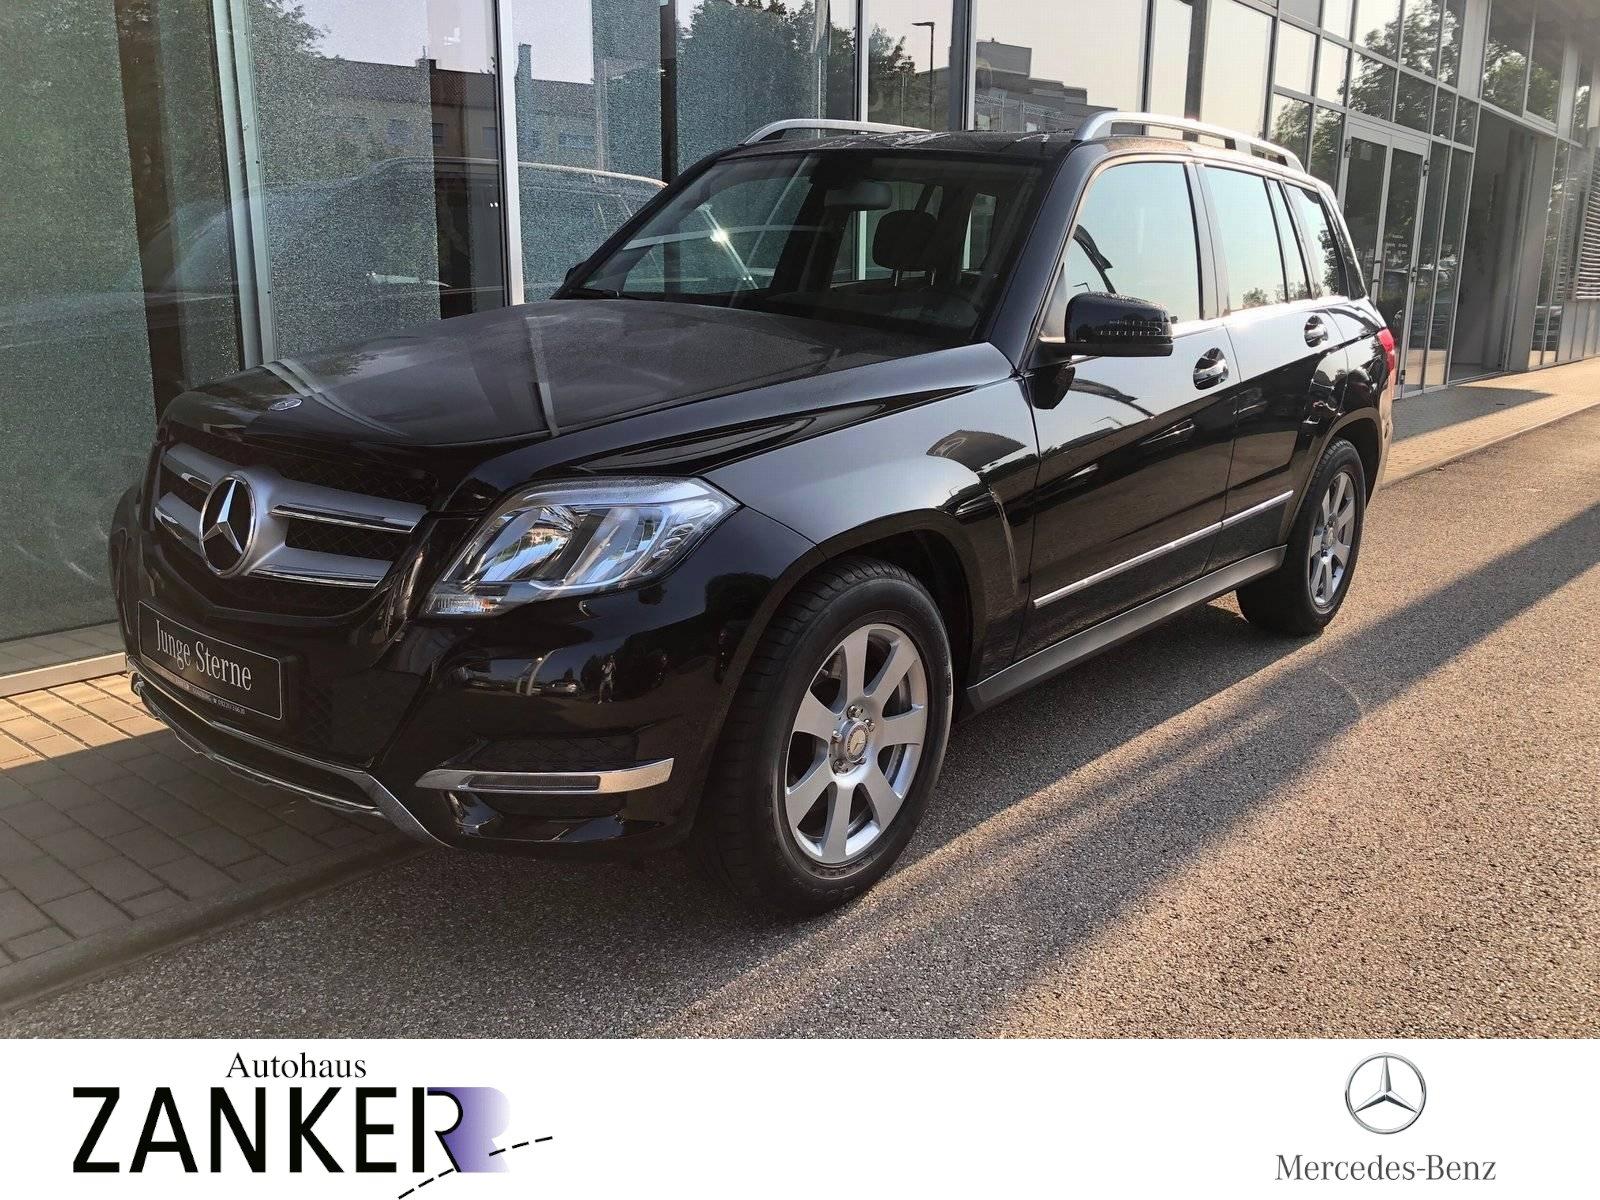 Mercedes-Benz GLK 200 CDI *WENIG KM*, Jahr 2014, diesel